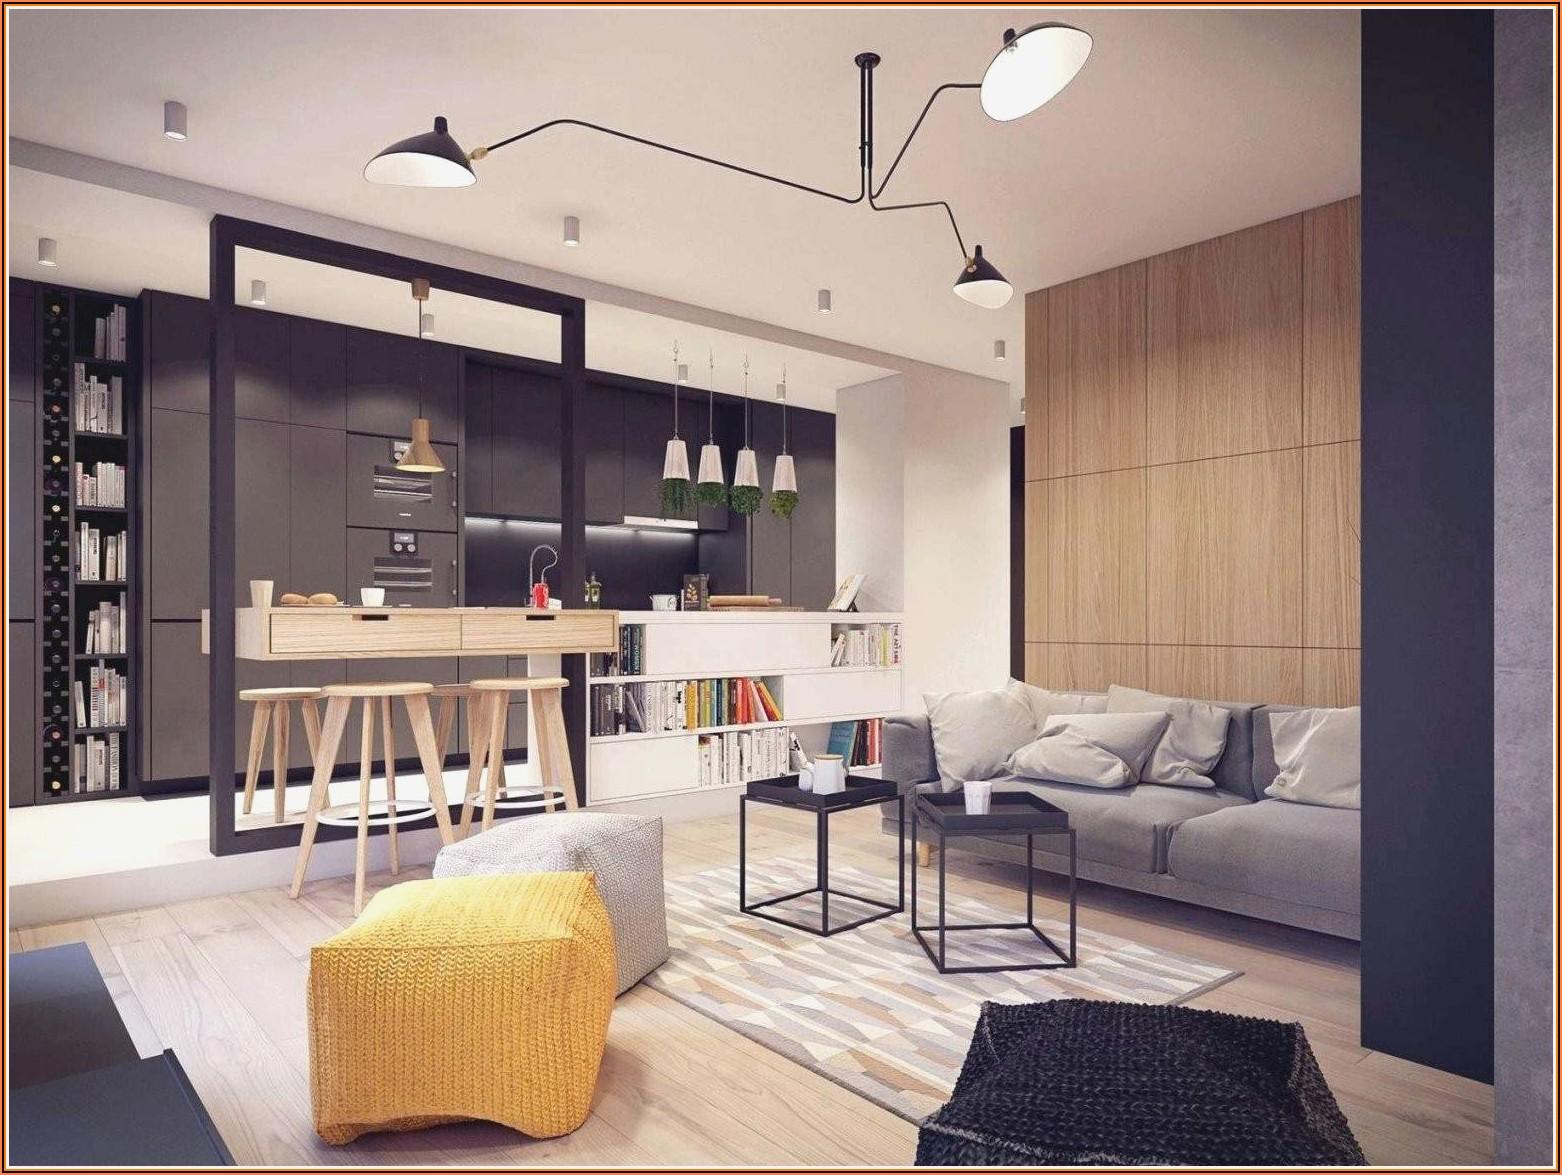 Esszimmer Wohnzimmer Einrichtung